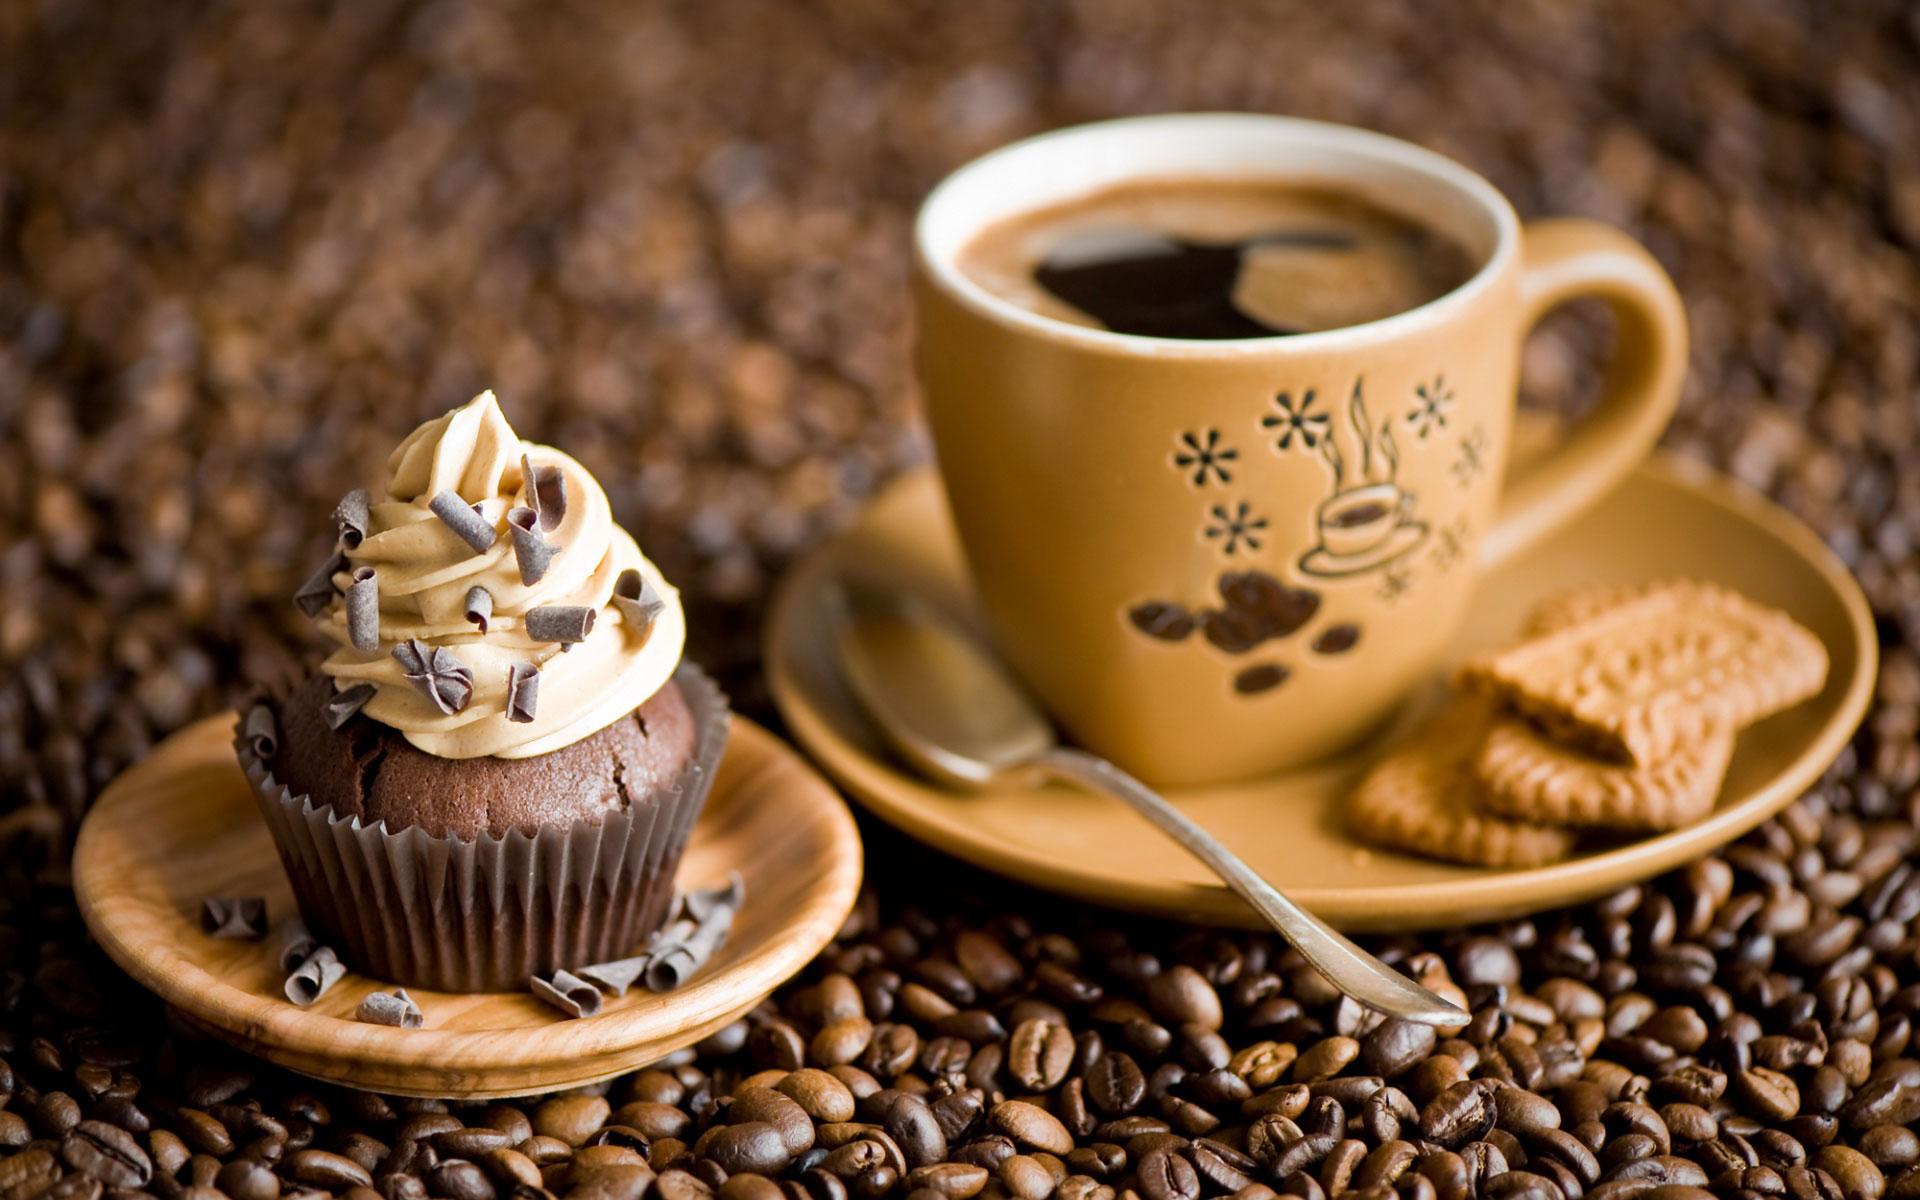 Рецепт американо, kofe-amerikano, рецепт латте, рецепт капучино, рецепты кофе, кофе, кофейные зерна, кофейное дерево, сорта кофе, виды кофе, латте, капучино, эспрессо, макиато, американо, рецепт приготовления кофе, приготовление кофе, варить кофе.